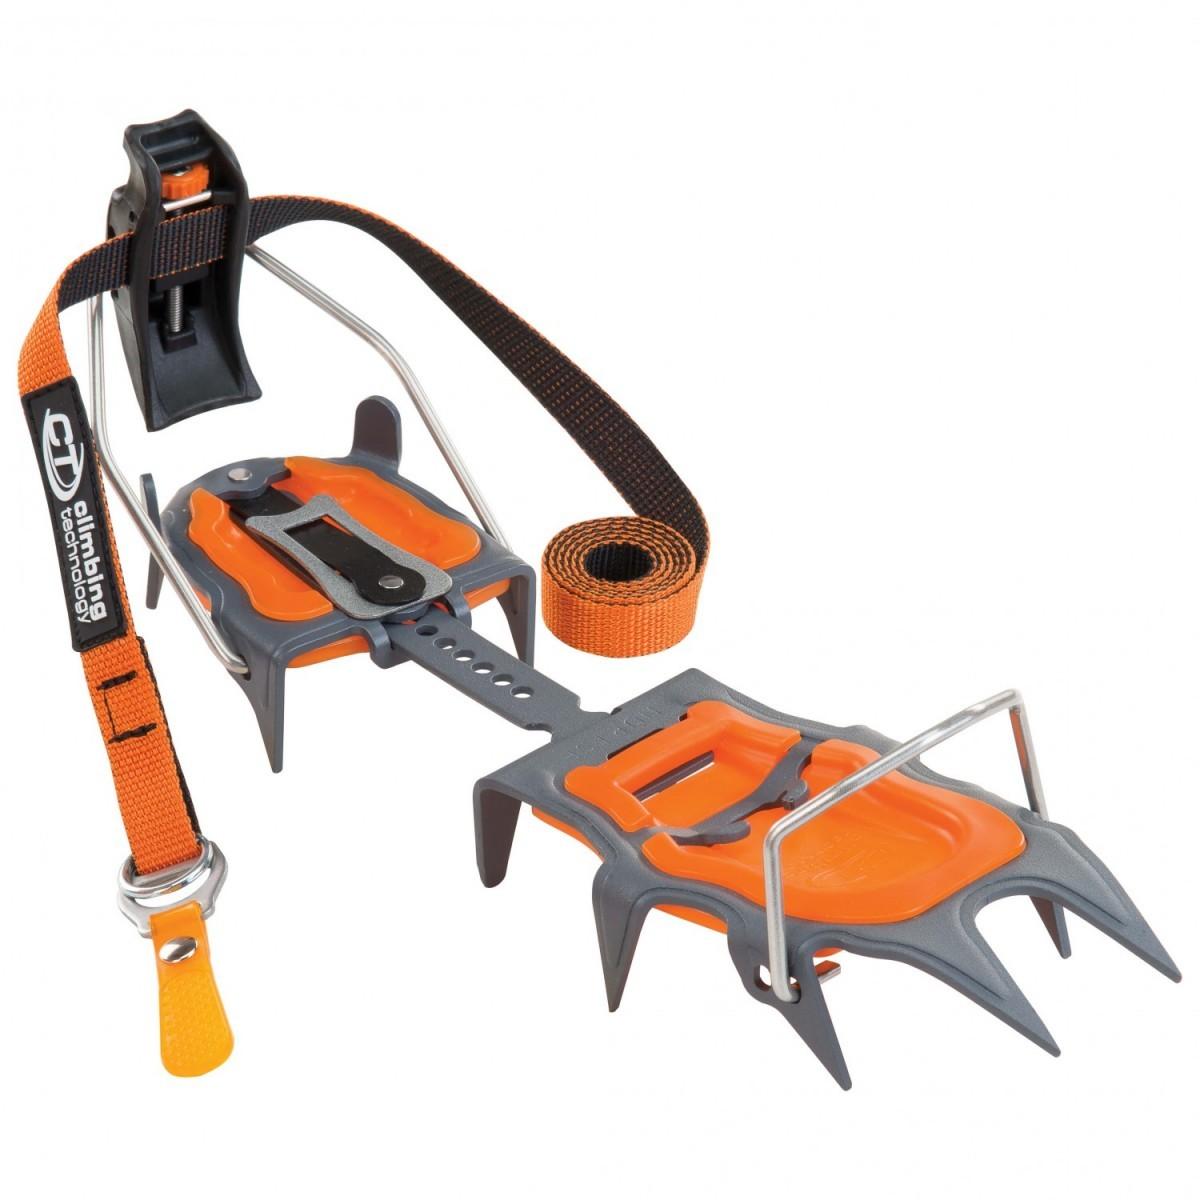 CLIMBING TECHNOLOGY クライミング テクノロジー Nuptse Evo Automatic(Grey)★ウインターギア・アイゼン・クランポン・雪山装備★